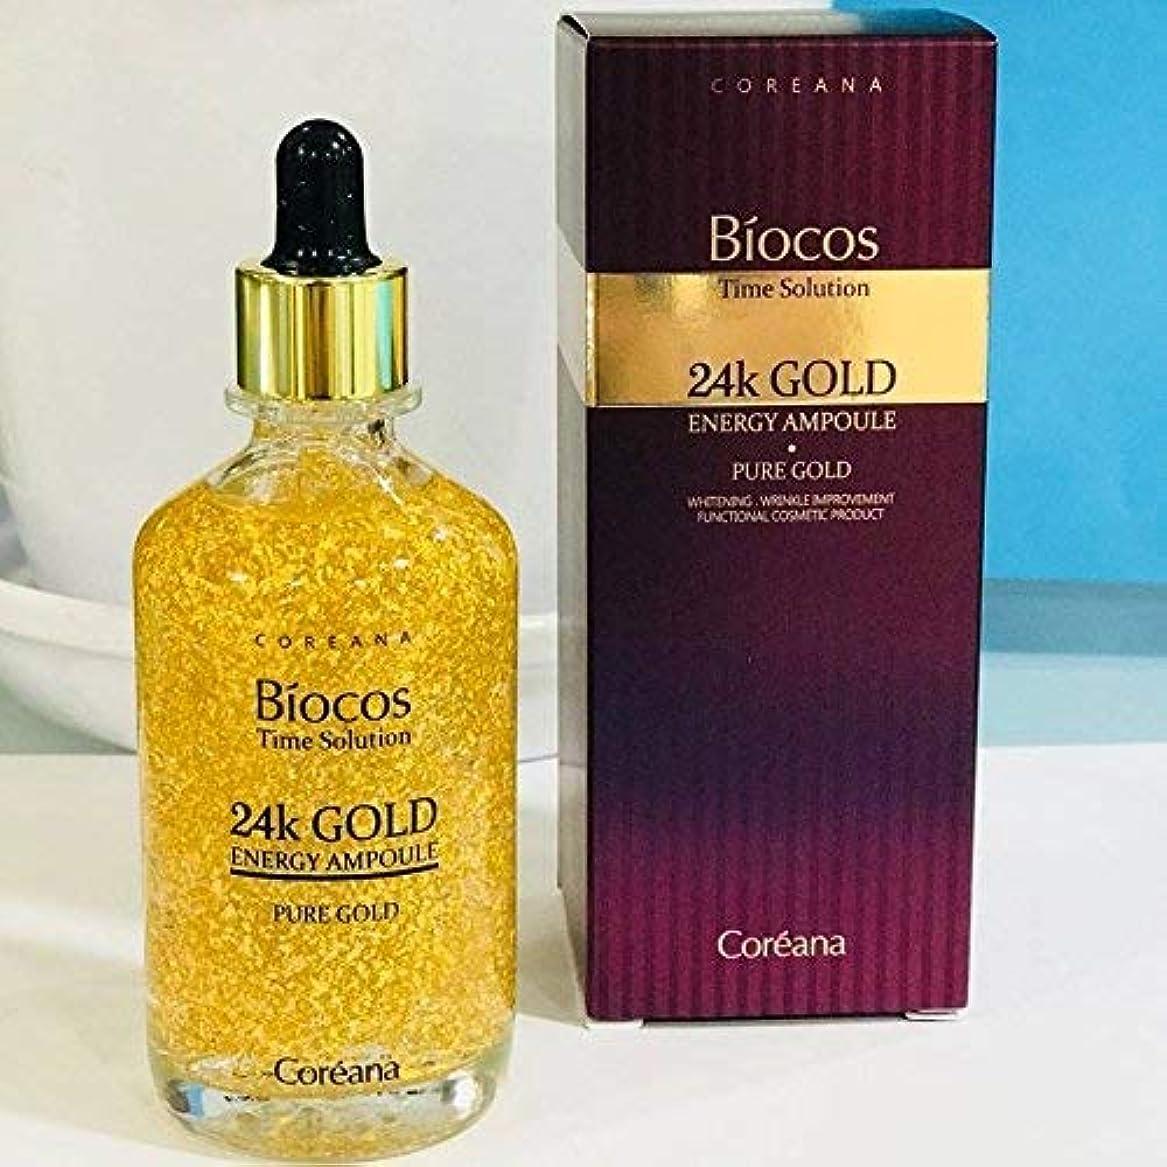 おなじみのフィヨルド[COREANA] Biocos Time Solution 24kゴールドエナジーアンプル100ml)/[COREANA] Biocos Time Solution 24K Gold Energy Ampoule